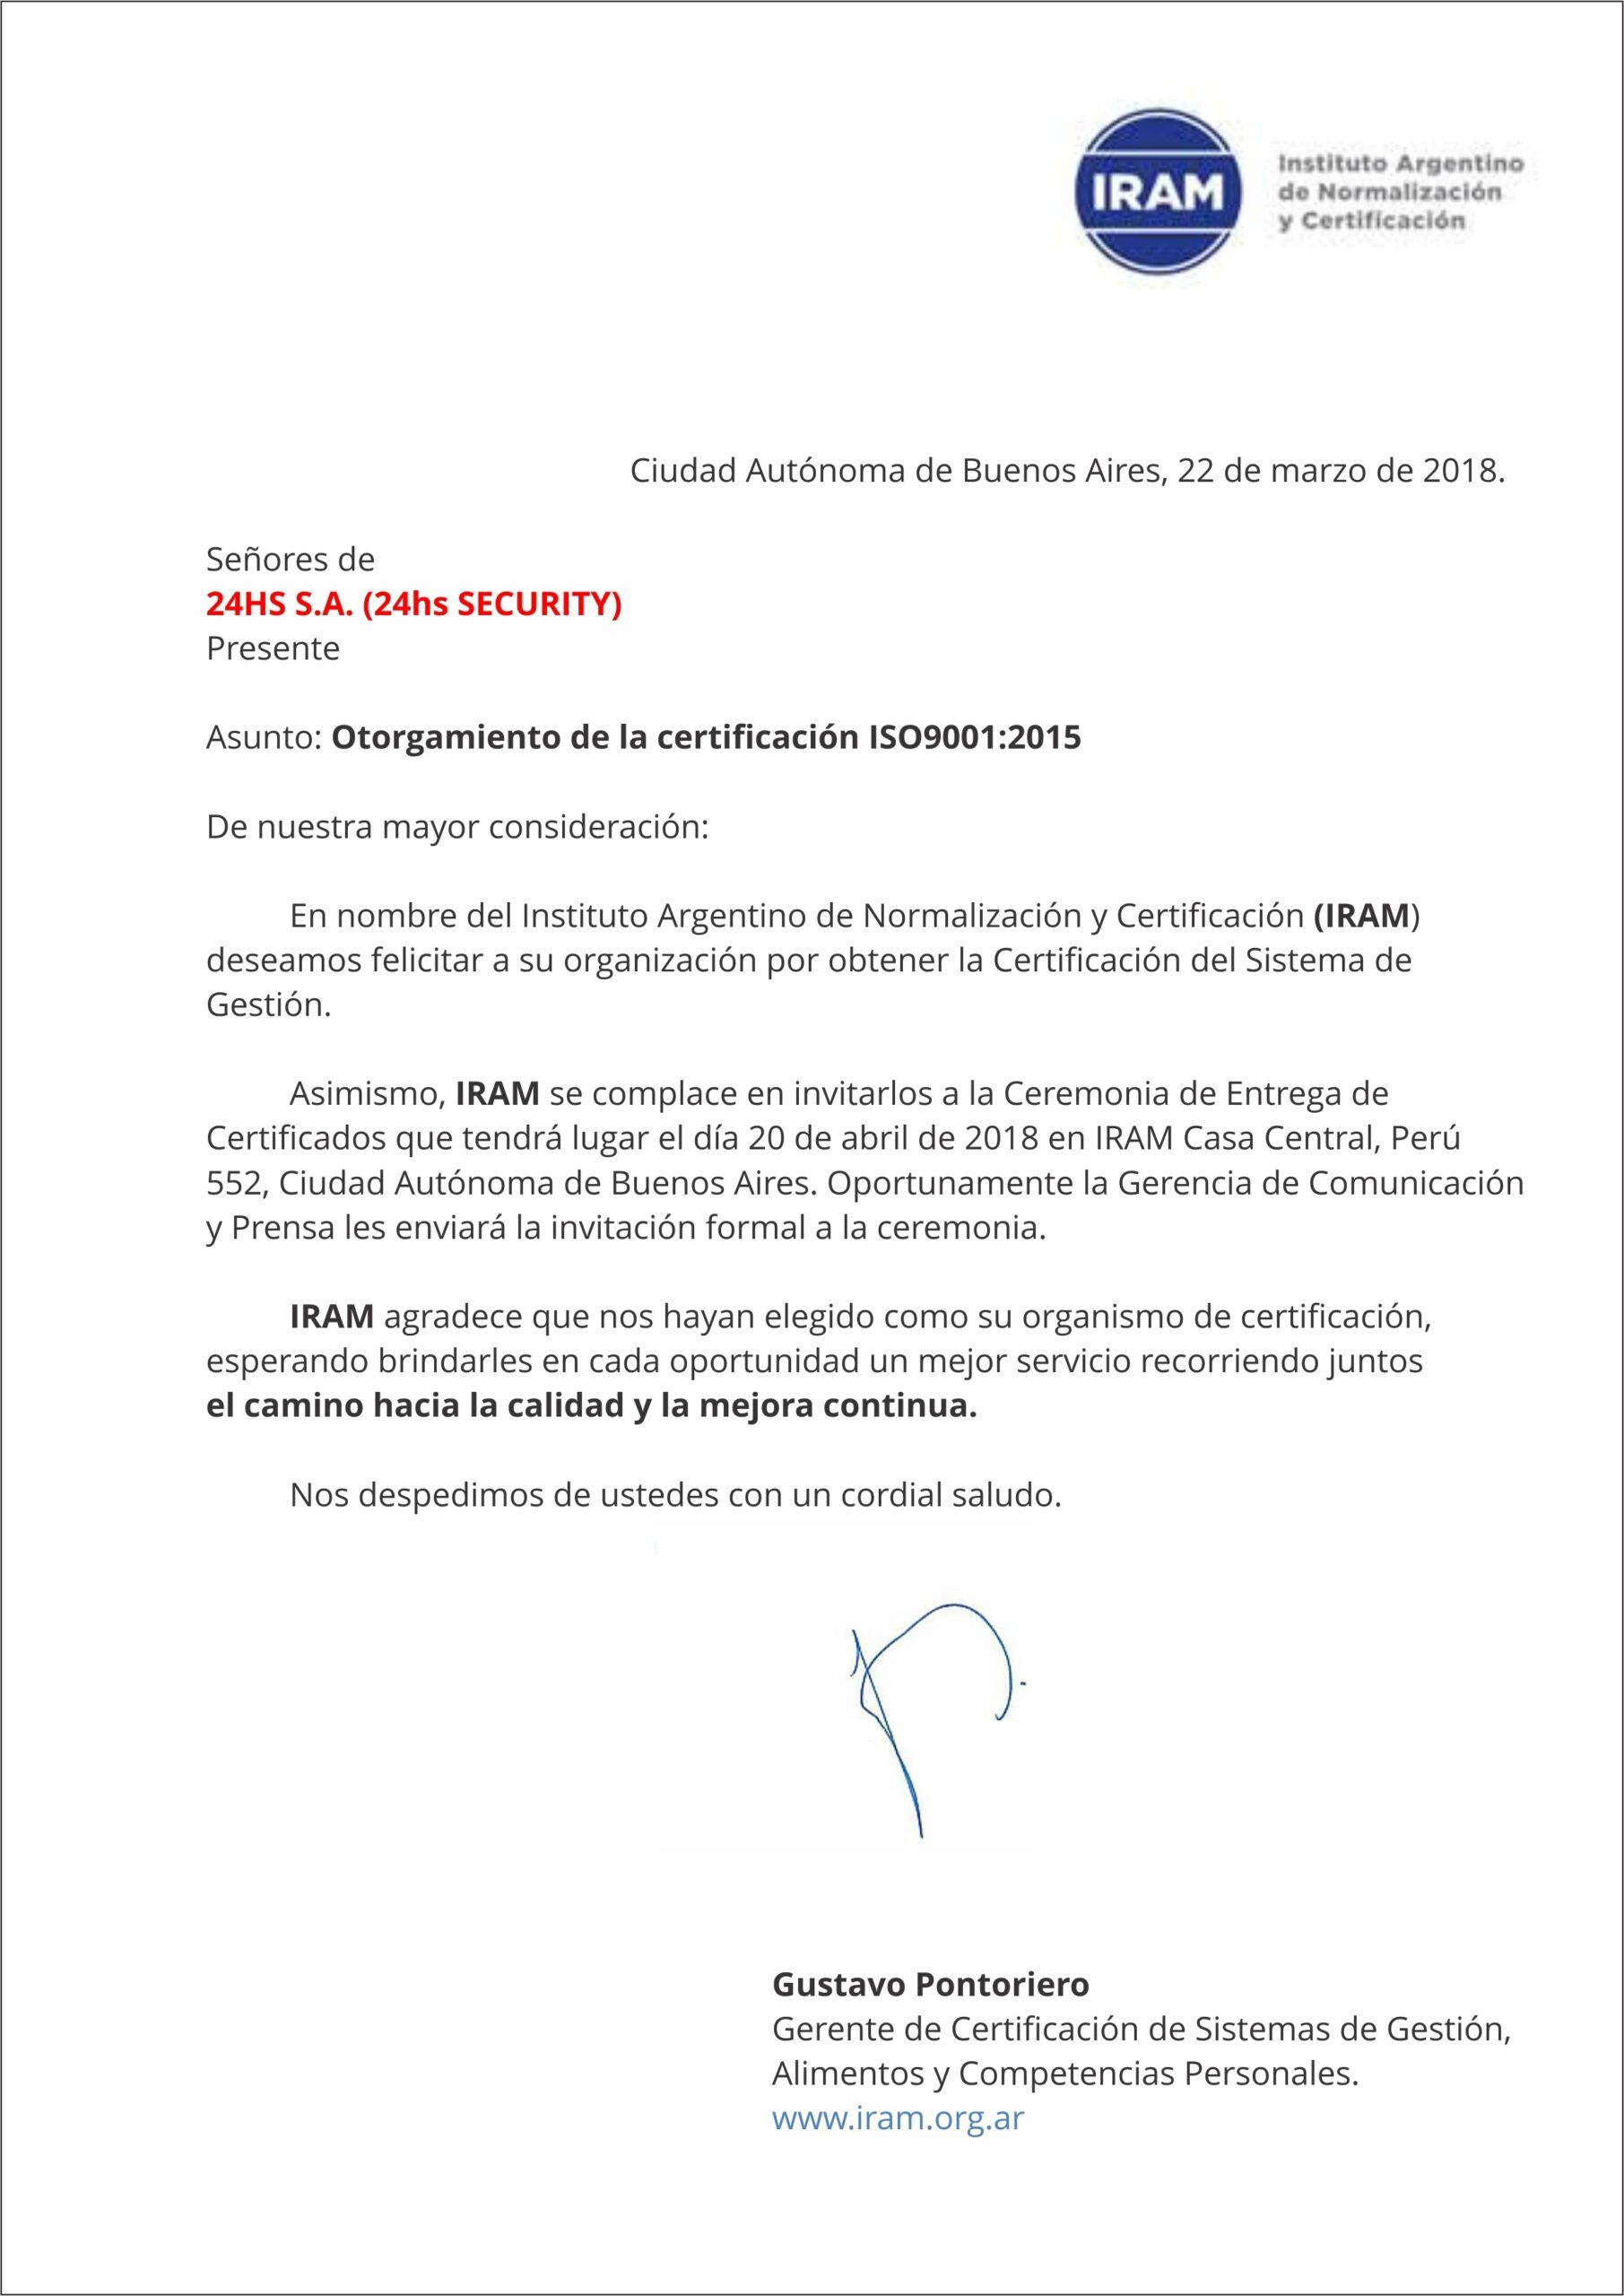 Carta de Felicitaciones del IRAM